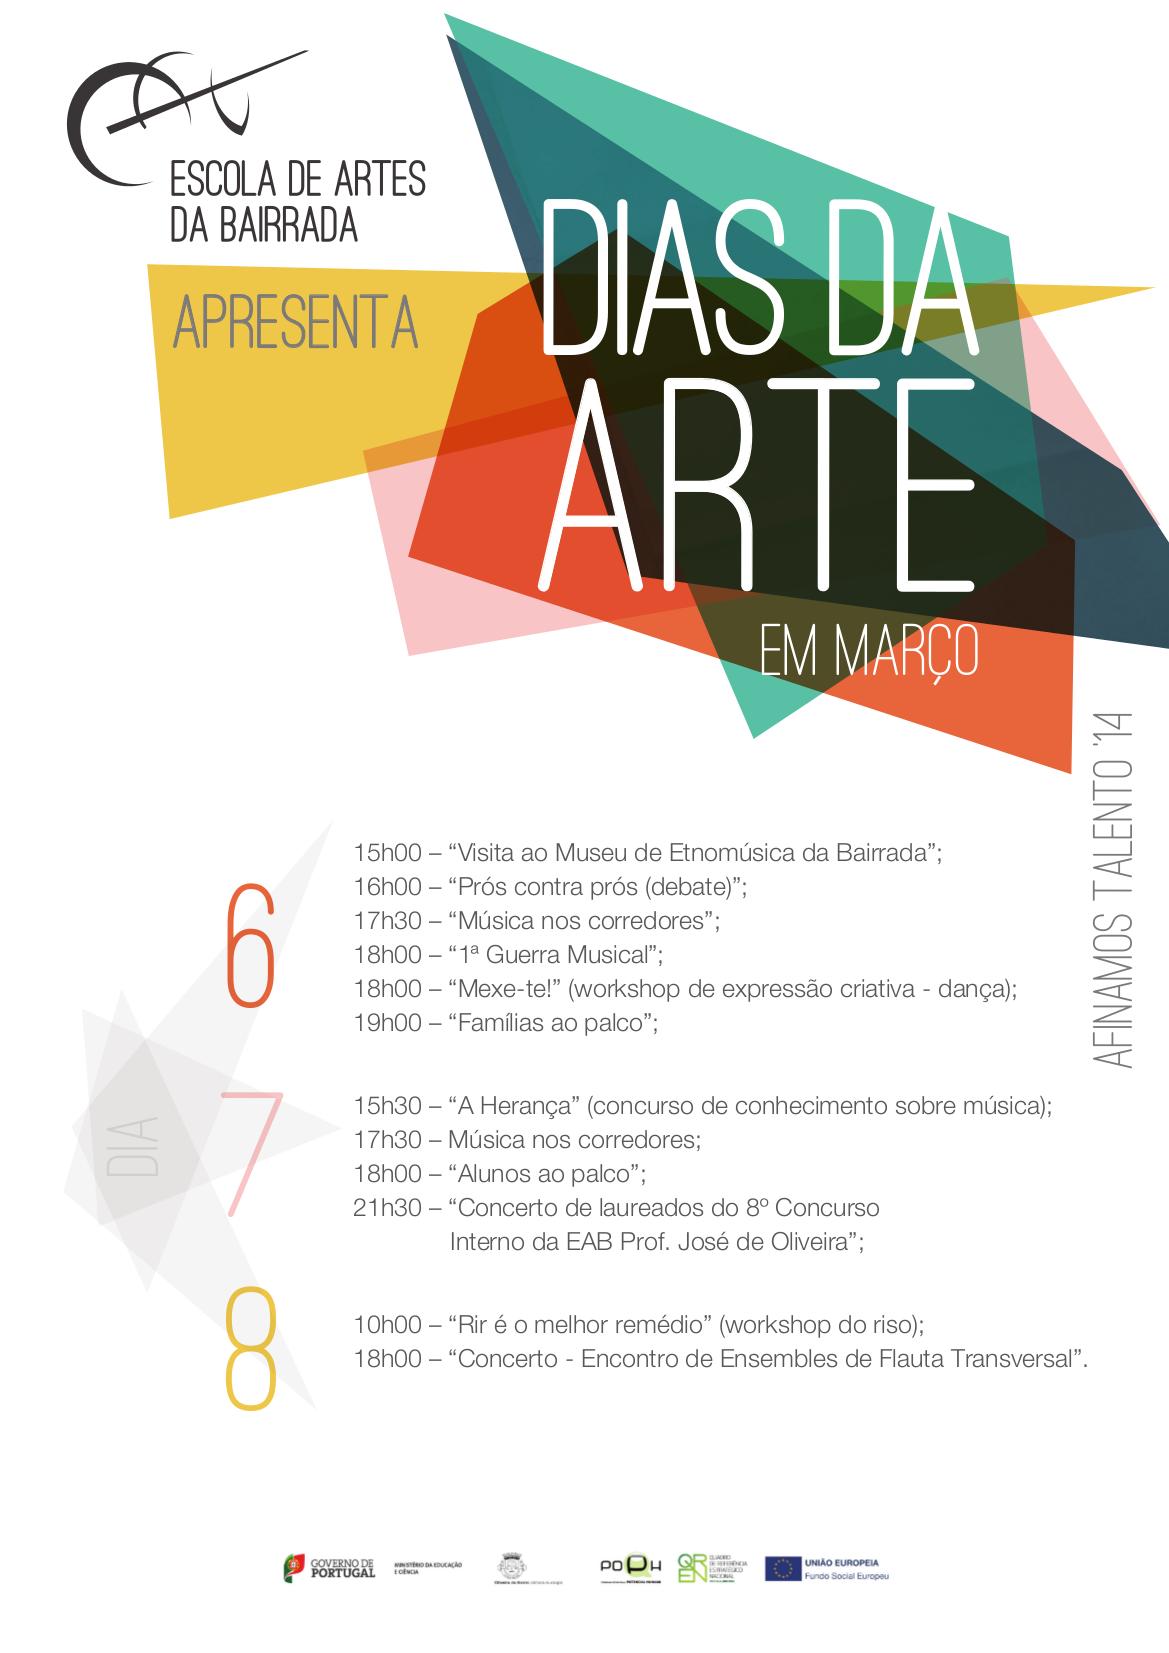 Dias da Arte 2014